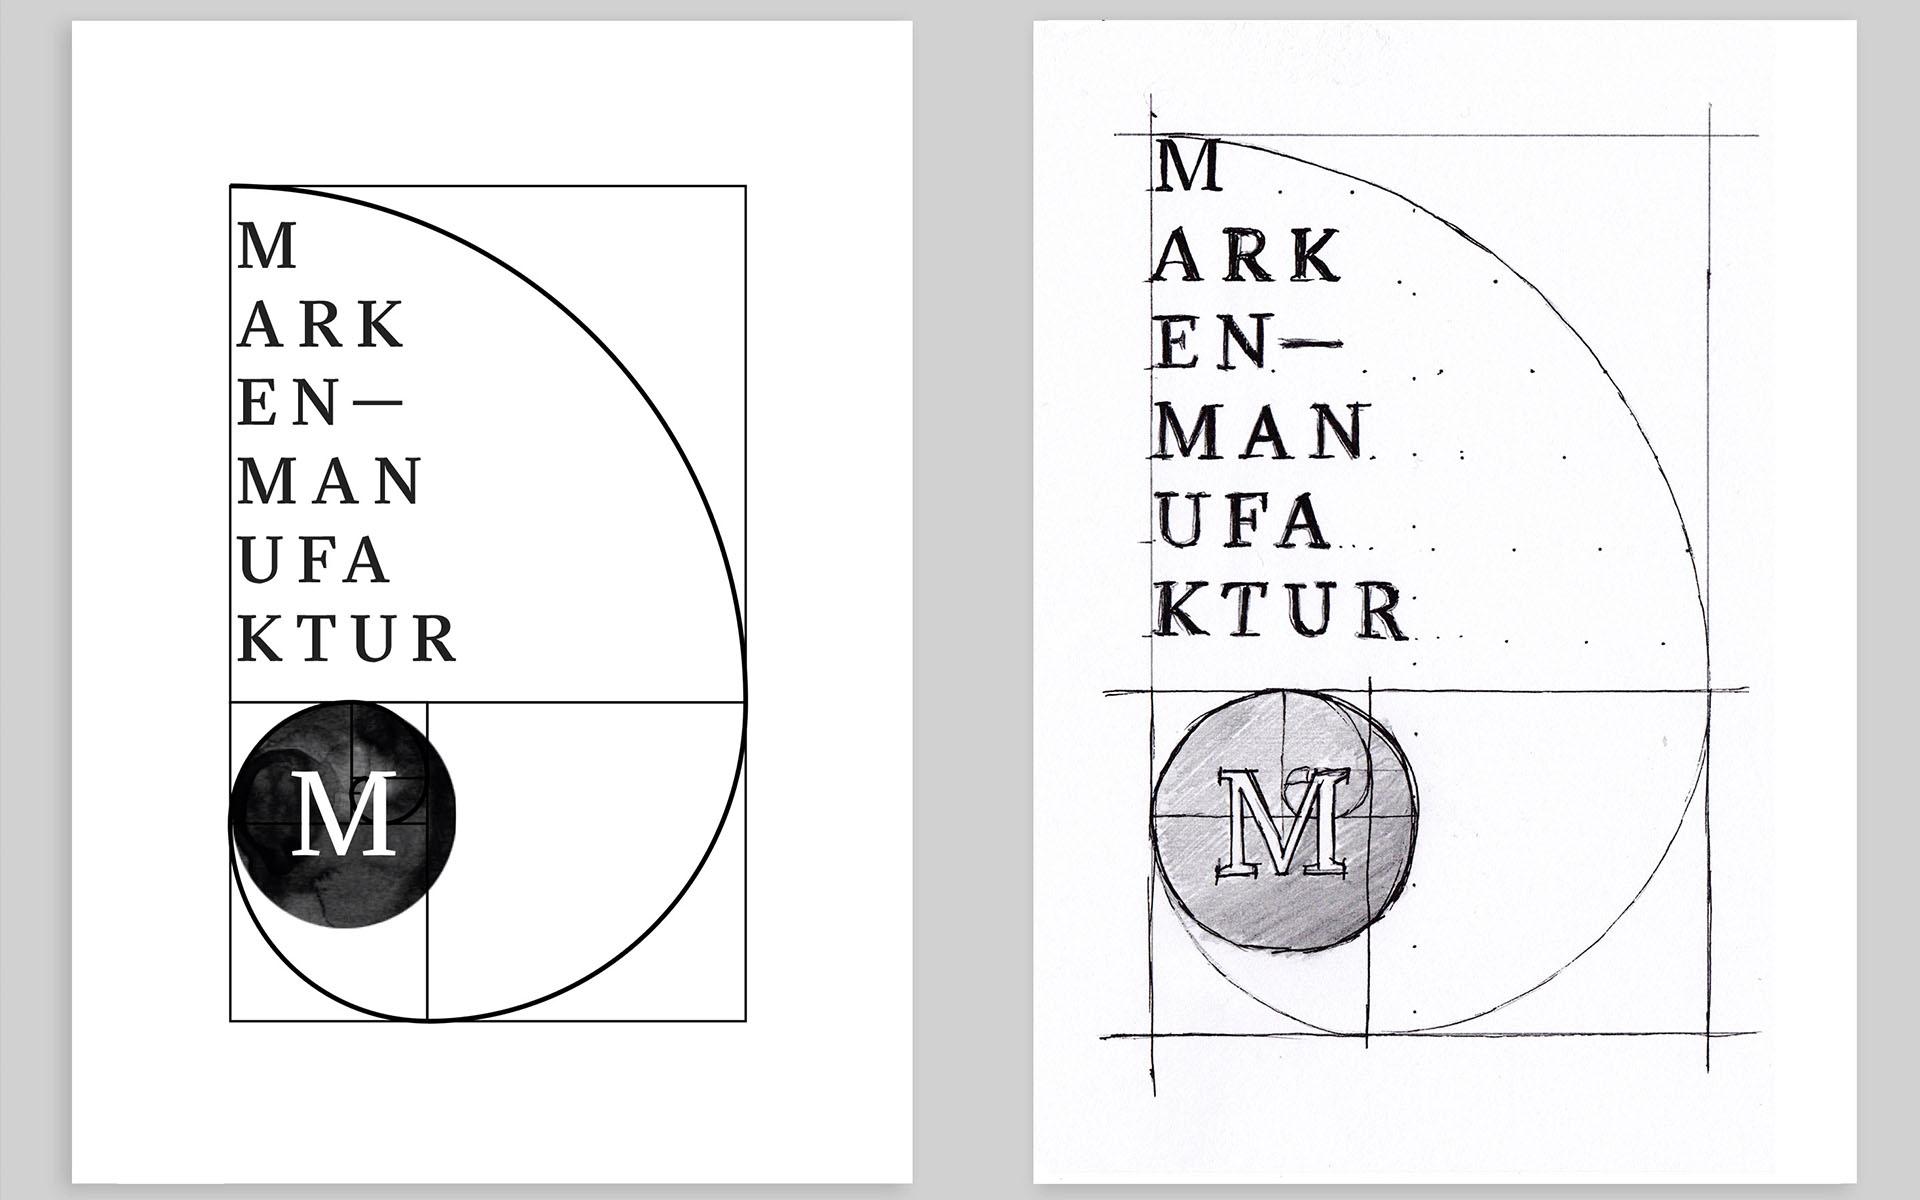 MarkenManufaktur_Skizzen_klein Kopie